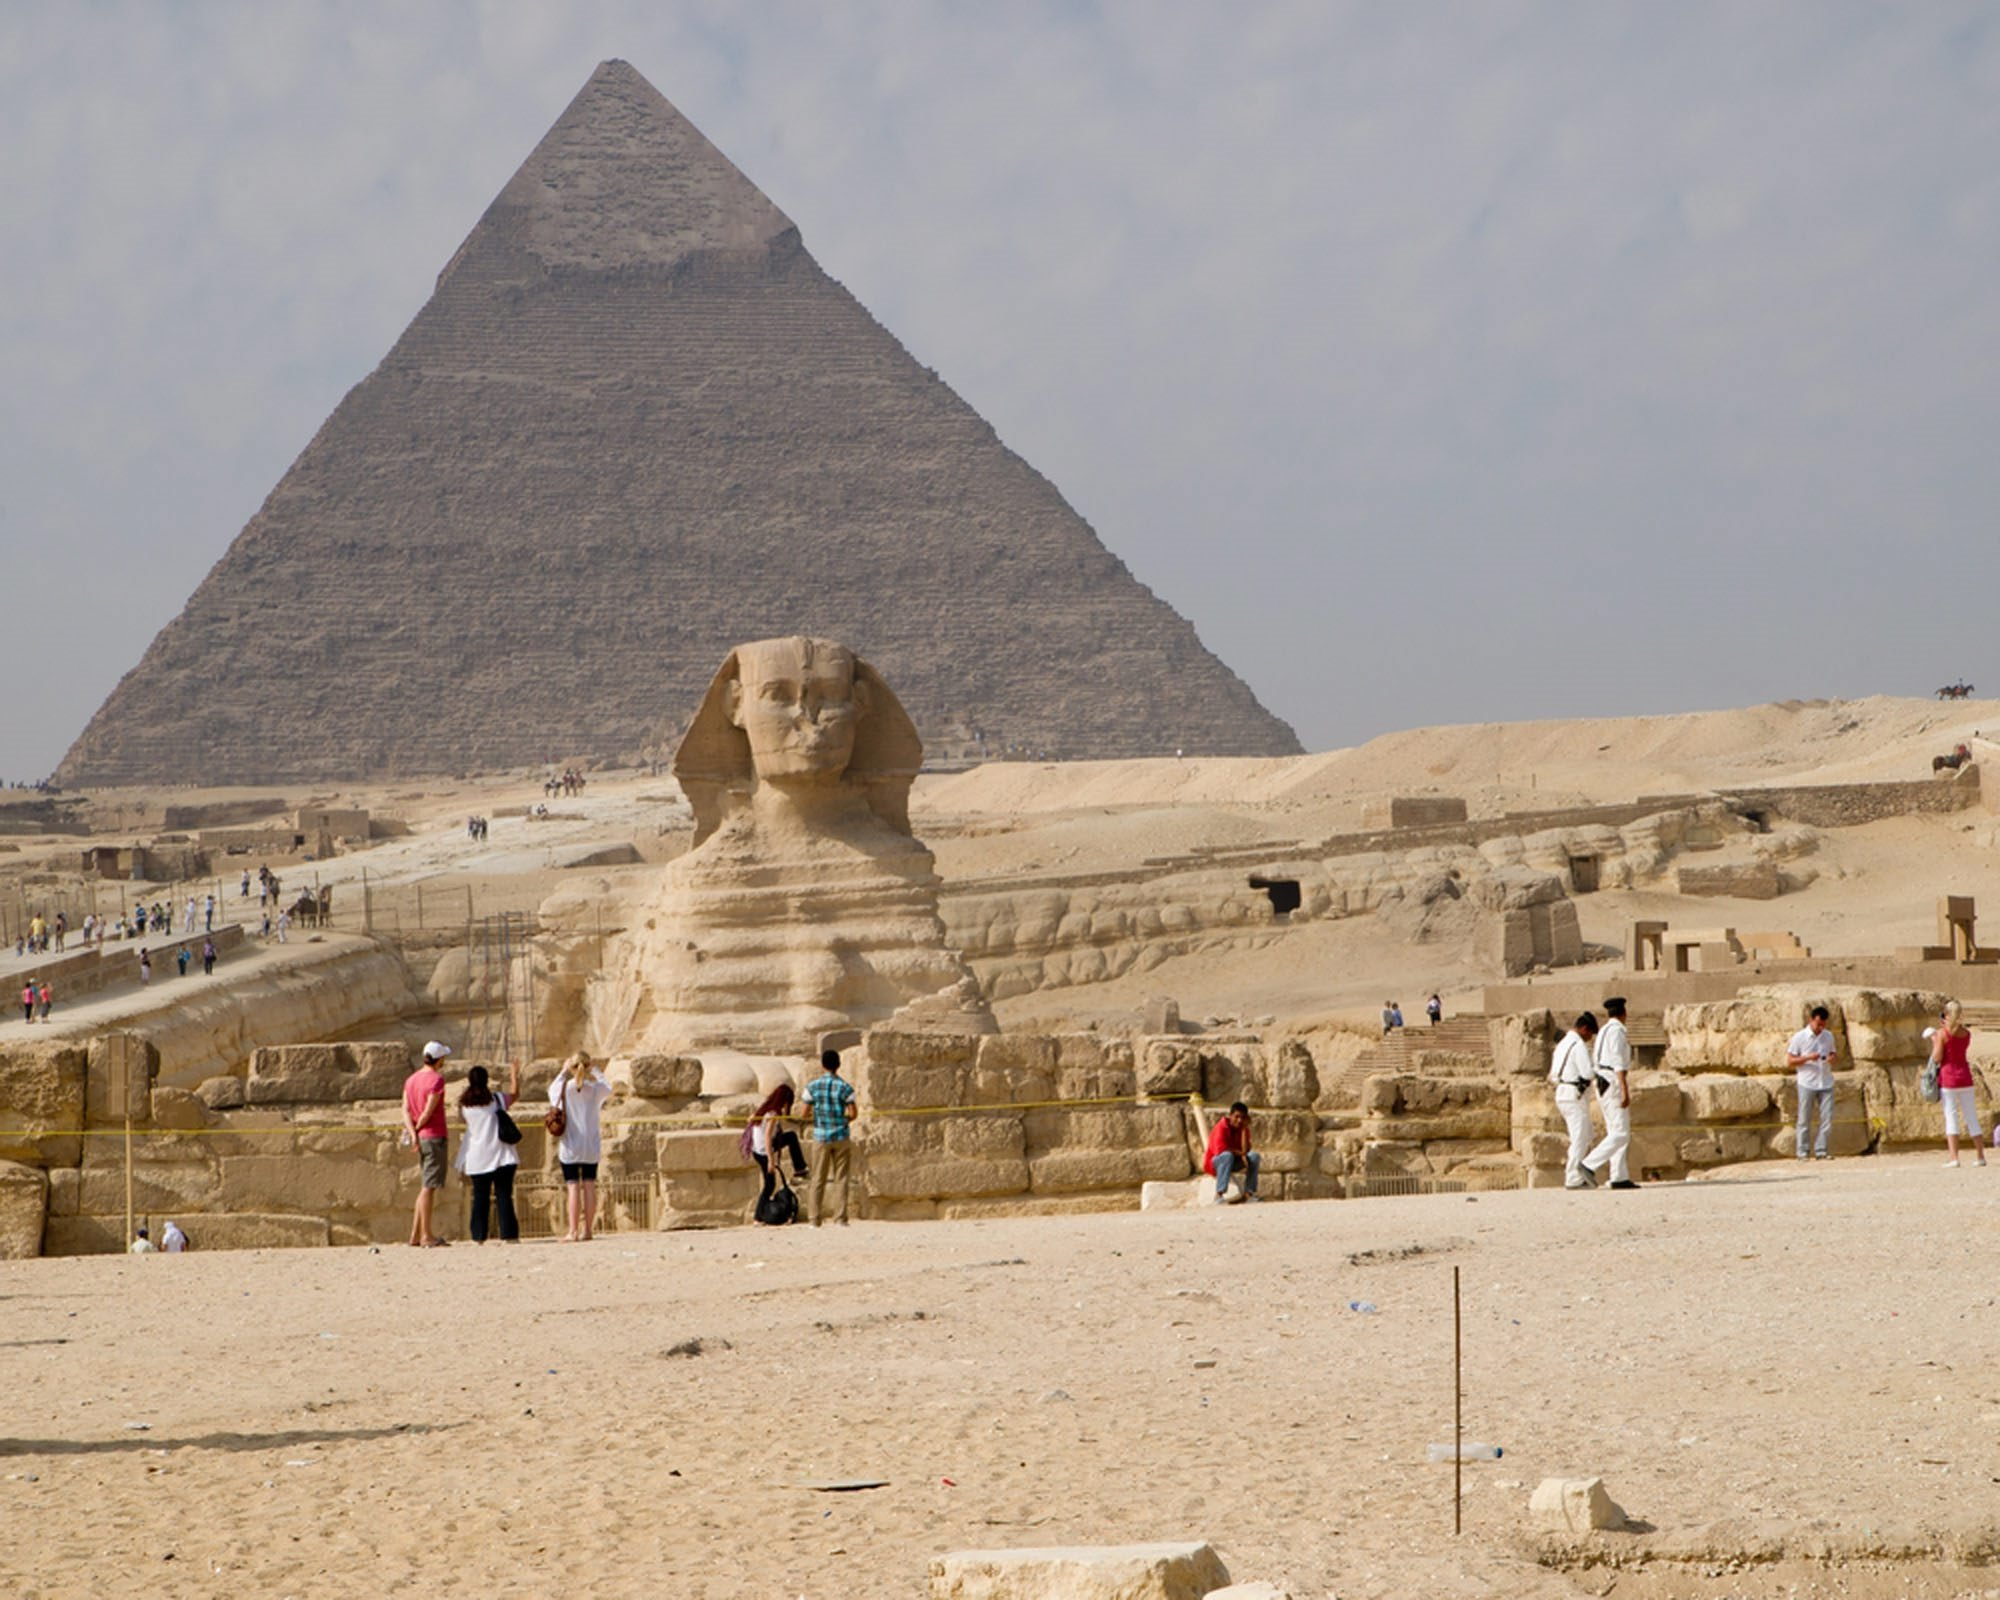 Mısır'daki piramitler nasıl yapıldı? Gizemi 3 bin yıllık günlükle çözüldü...